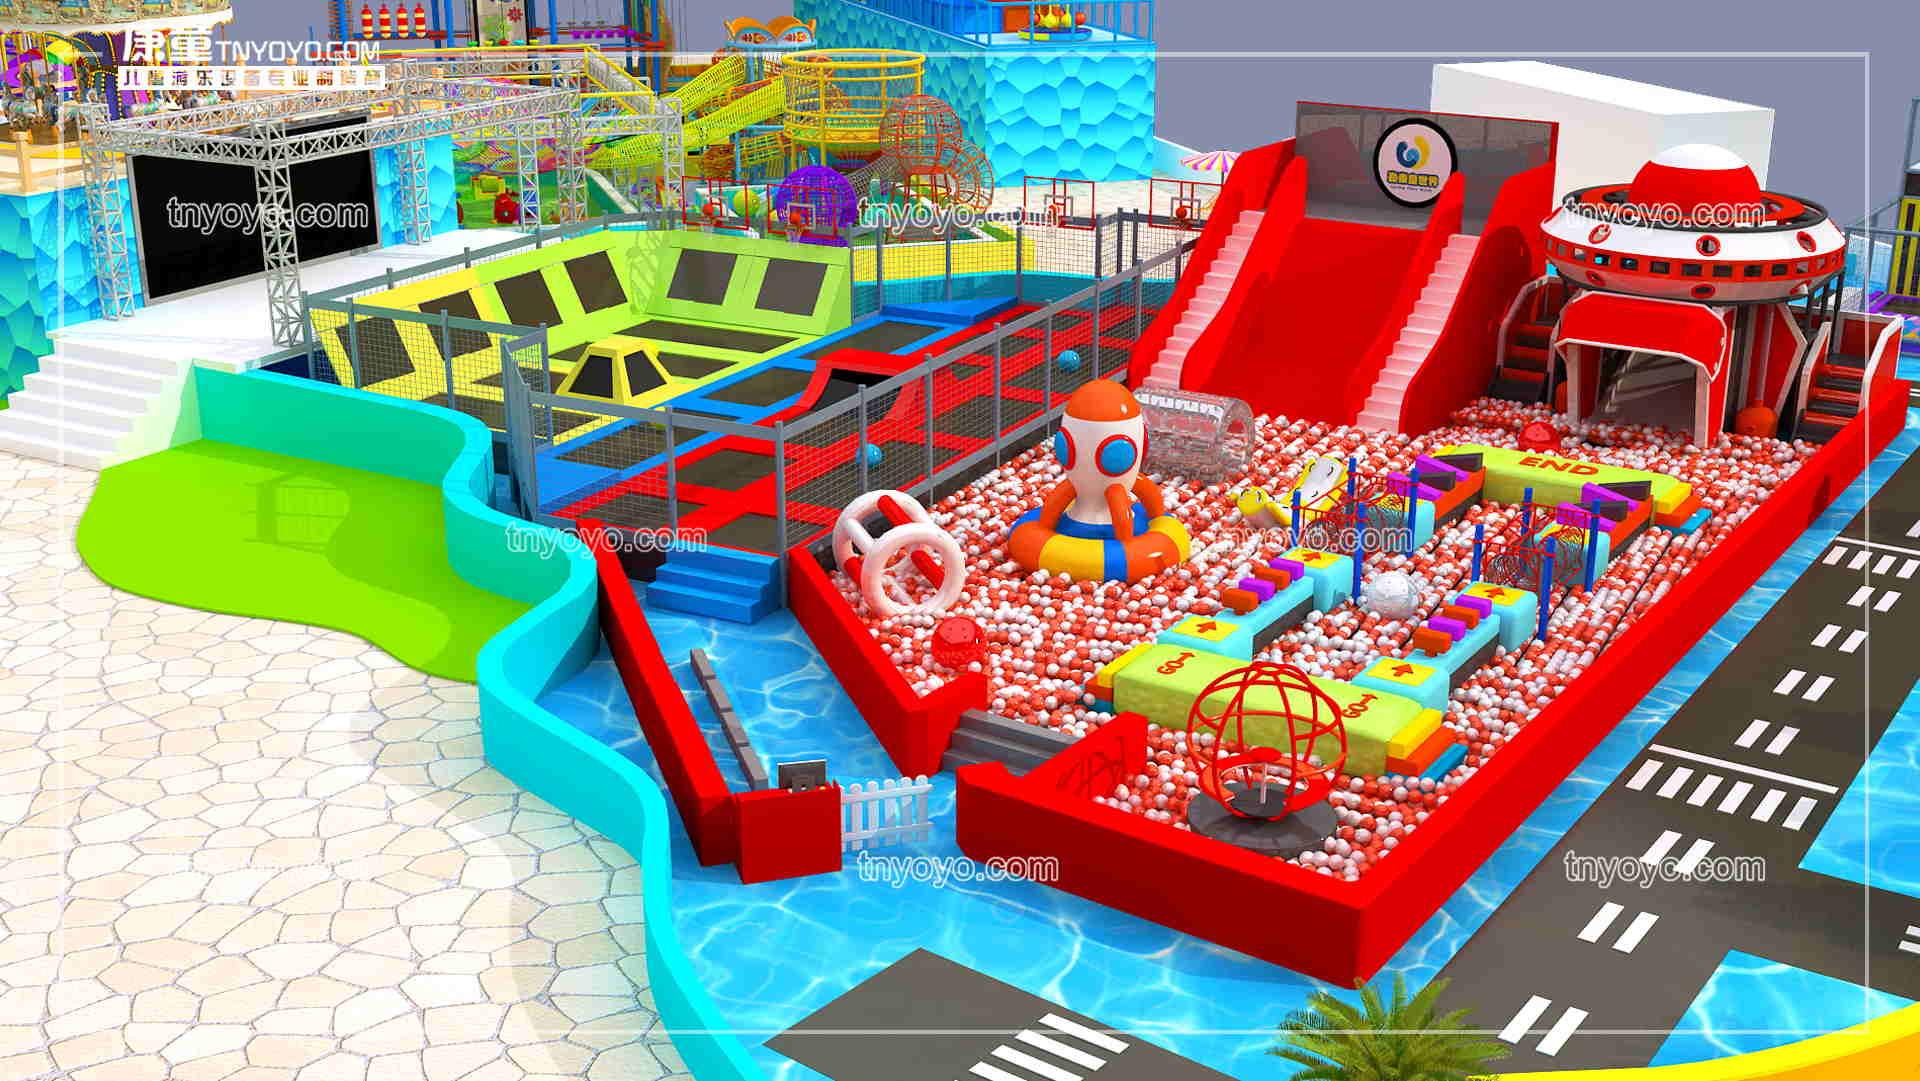 做兒童樂園自己開,還是加盟兒童樂園品牌好?